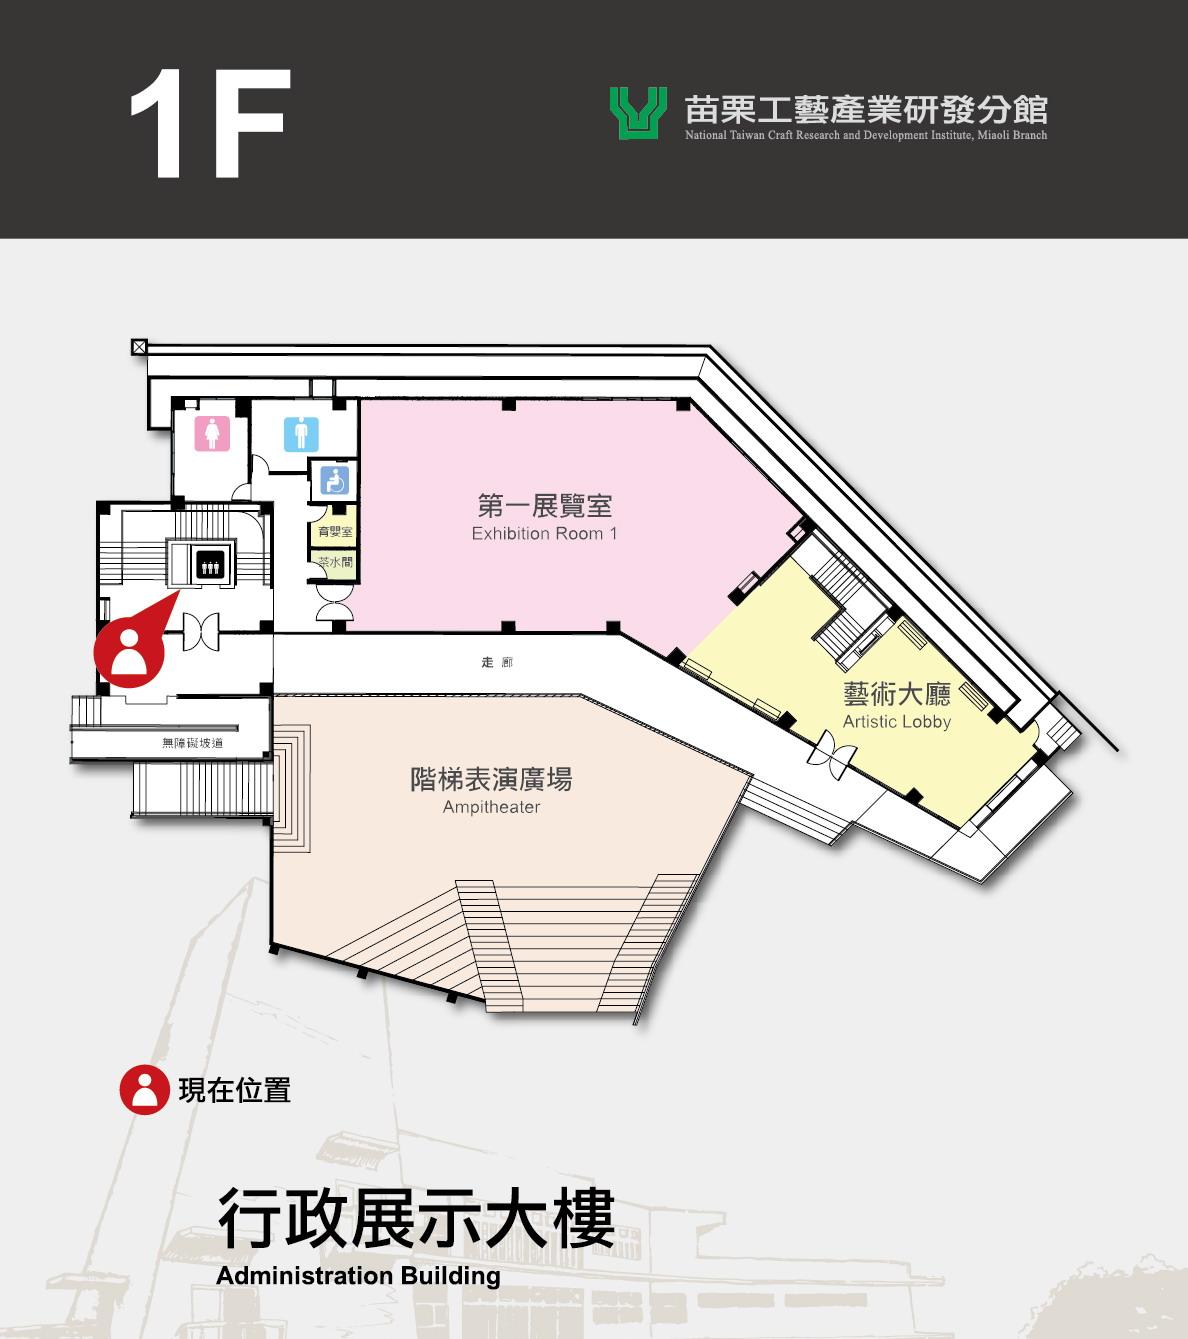 行政展示大樓一樓平面圖